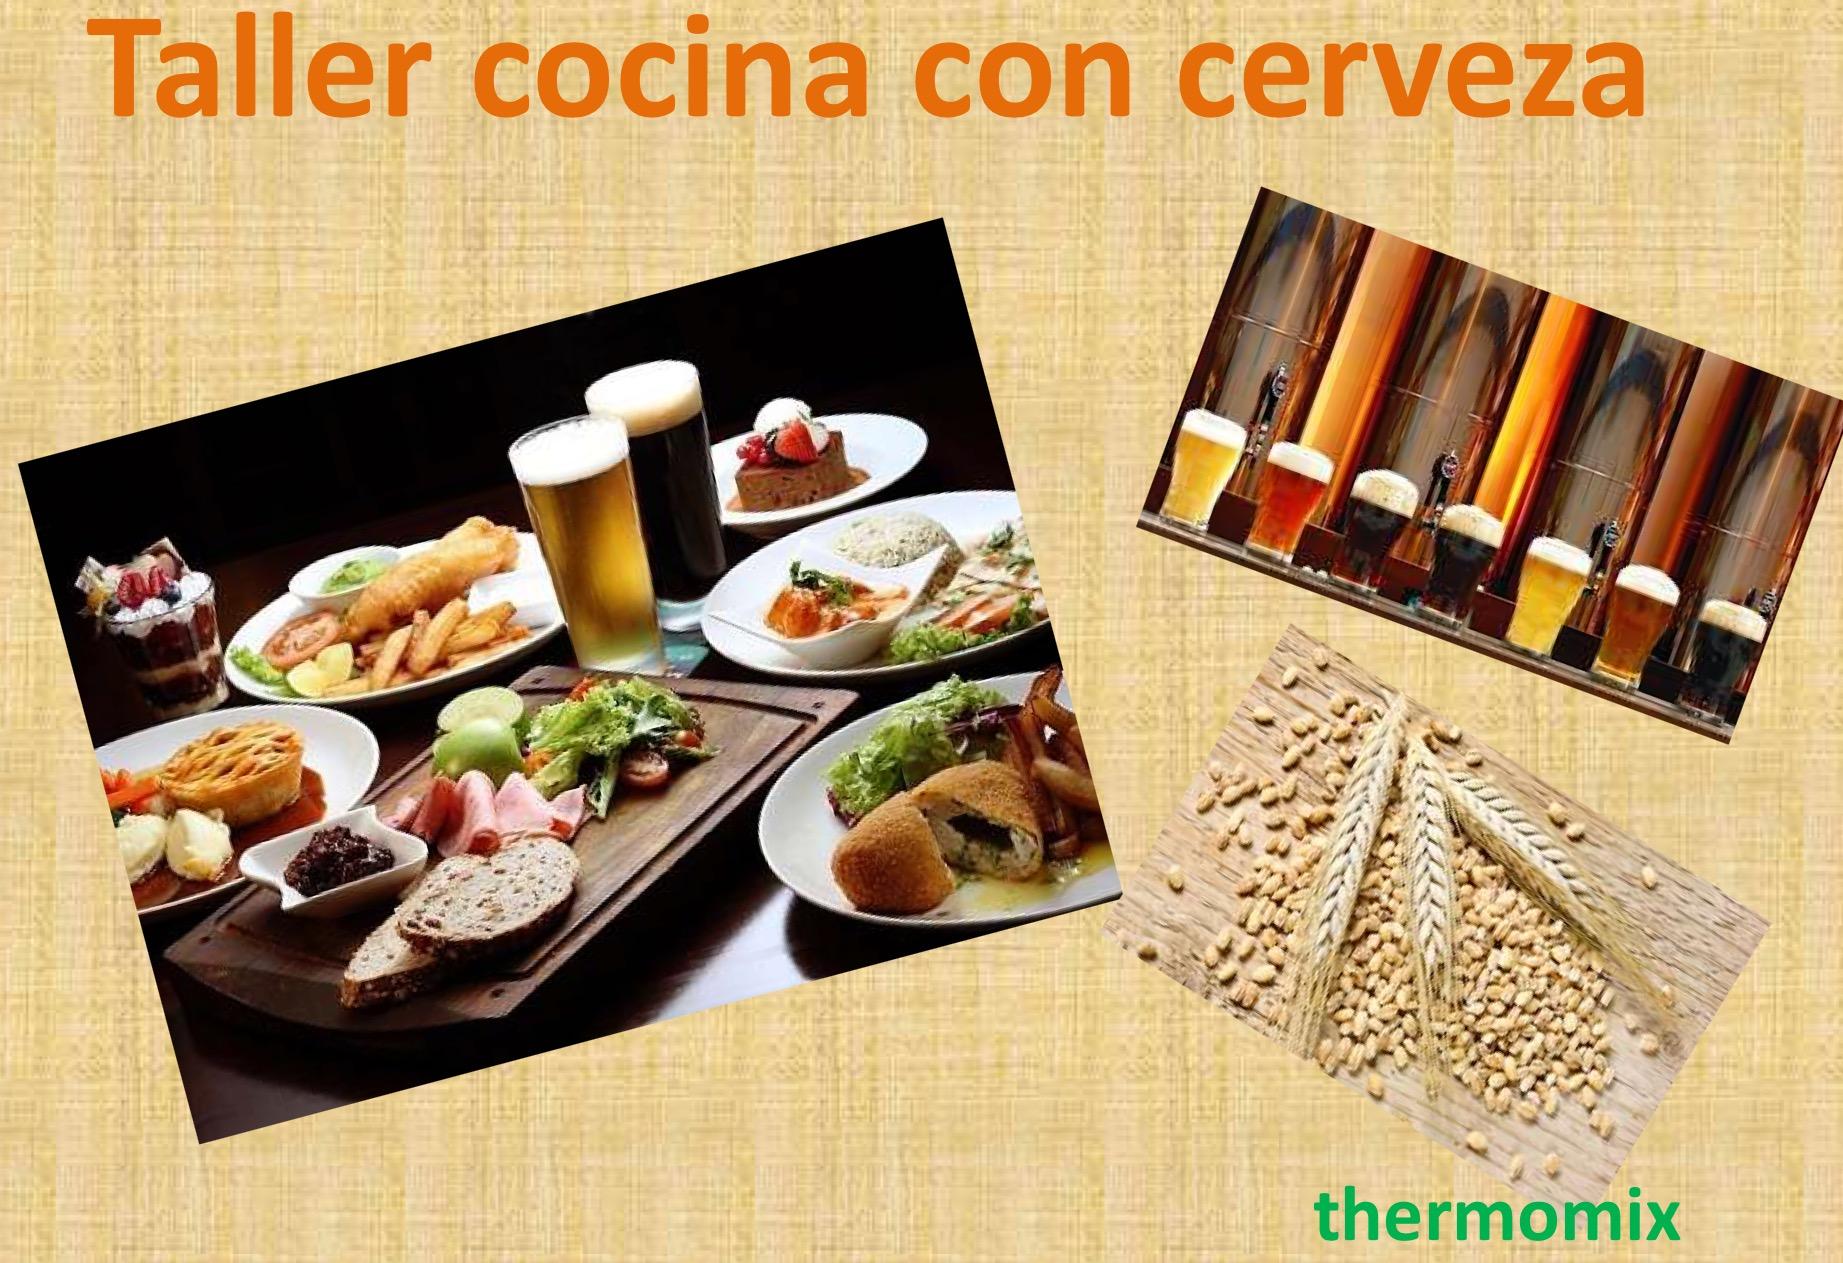 Taller cocina con cerveza general blog de marisa - Taller cocina barcelona ...